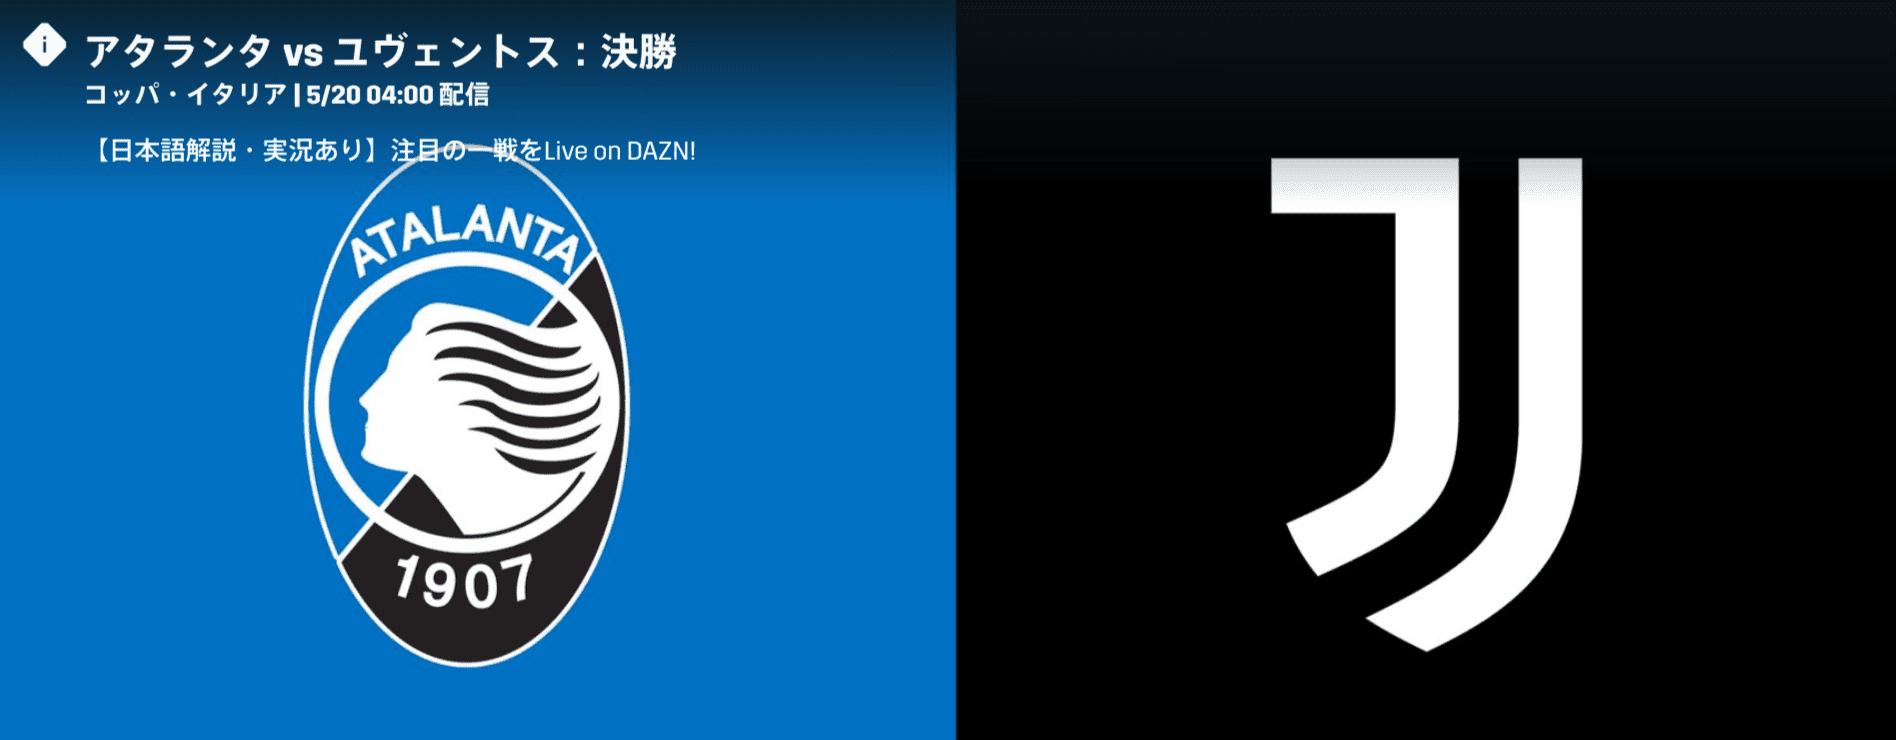 コッパイタリア2021決勝アタランタvsユベントス_DAZN配信 (1)